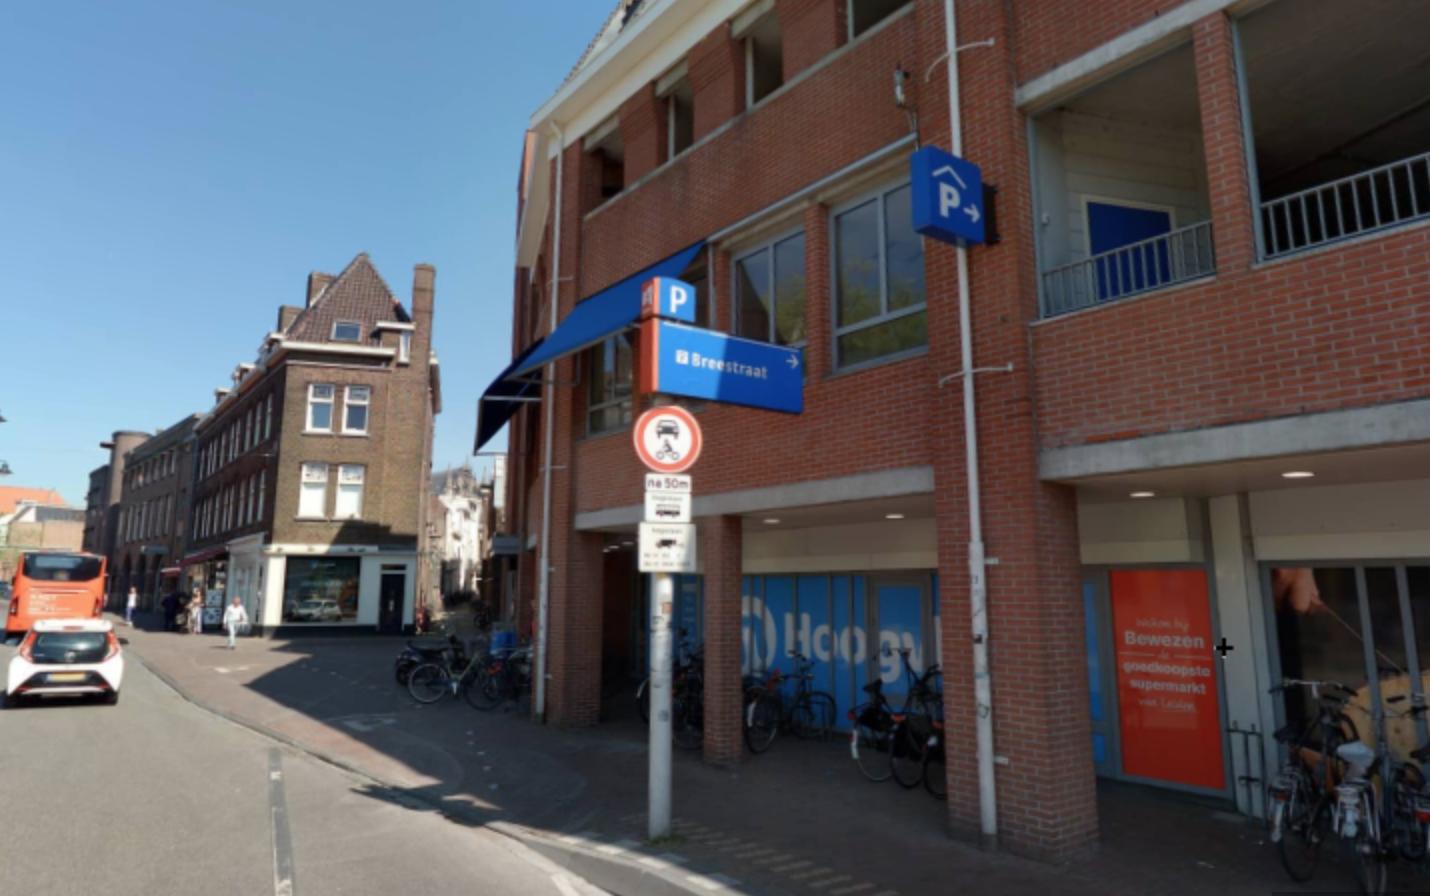 ANWB: zware onvoldoende voor Leidse parkeergarage Hoogvliet Centrum, topnotering voor de Lammermarkt